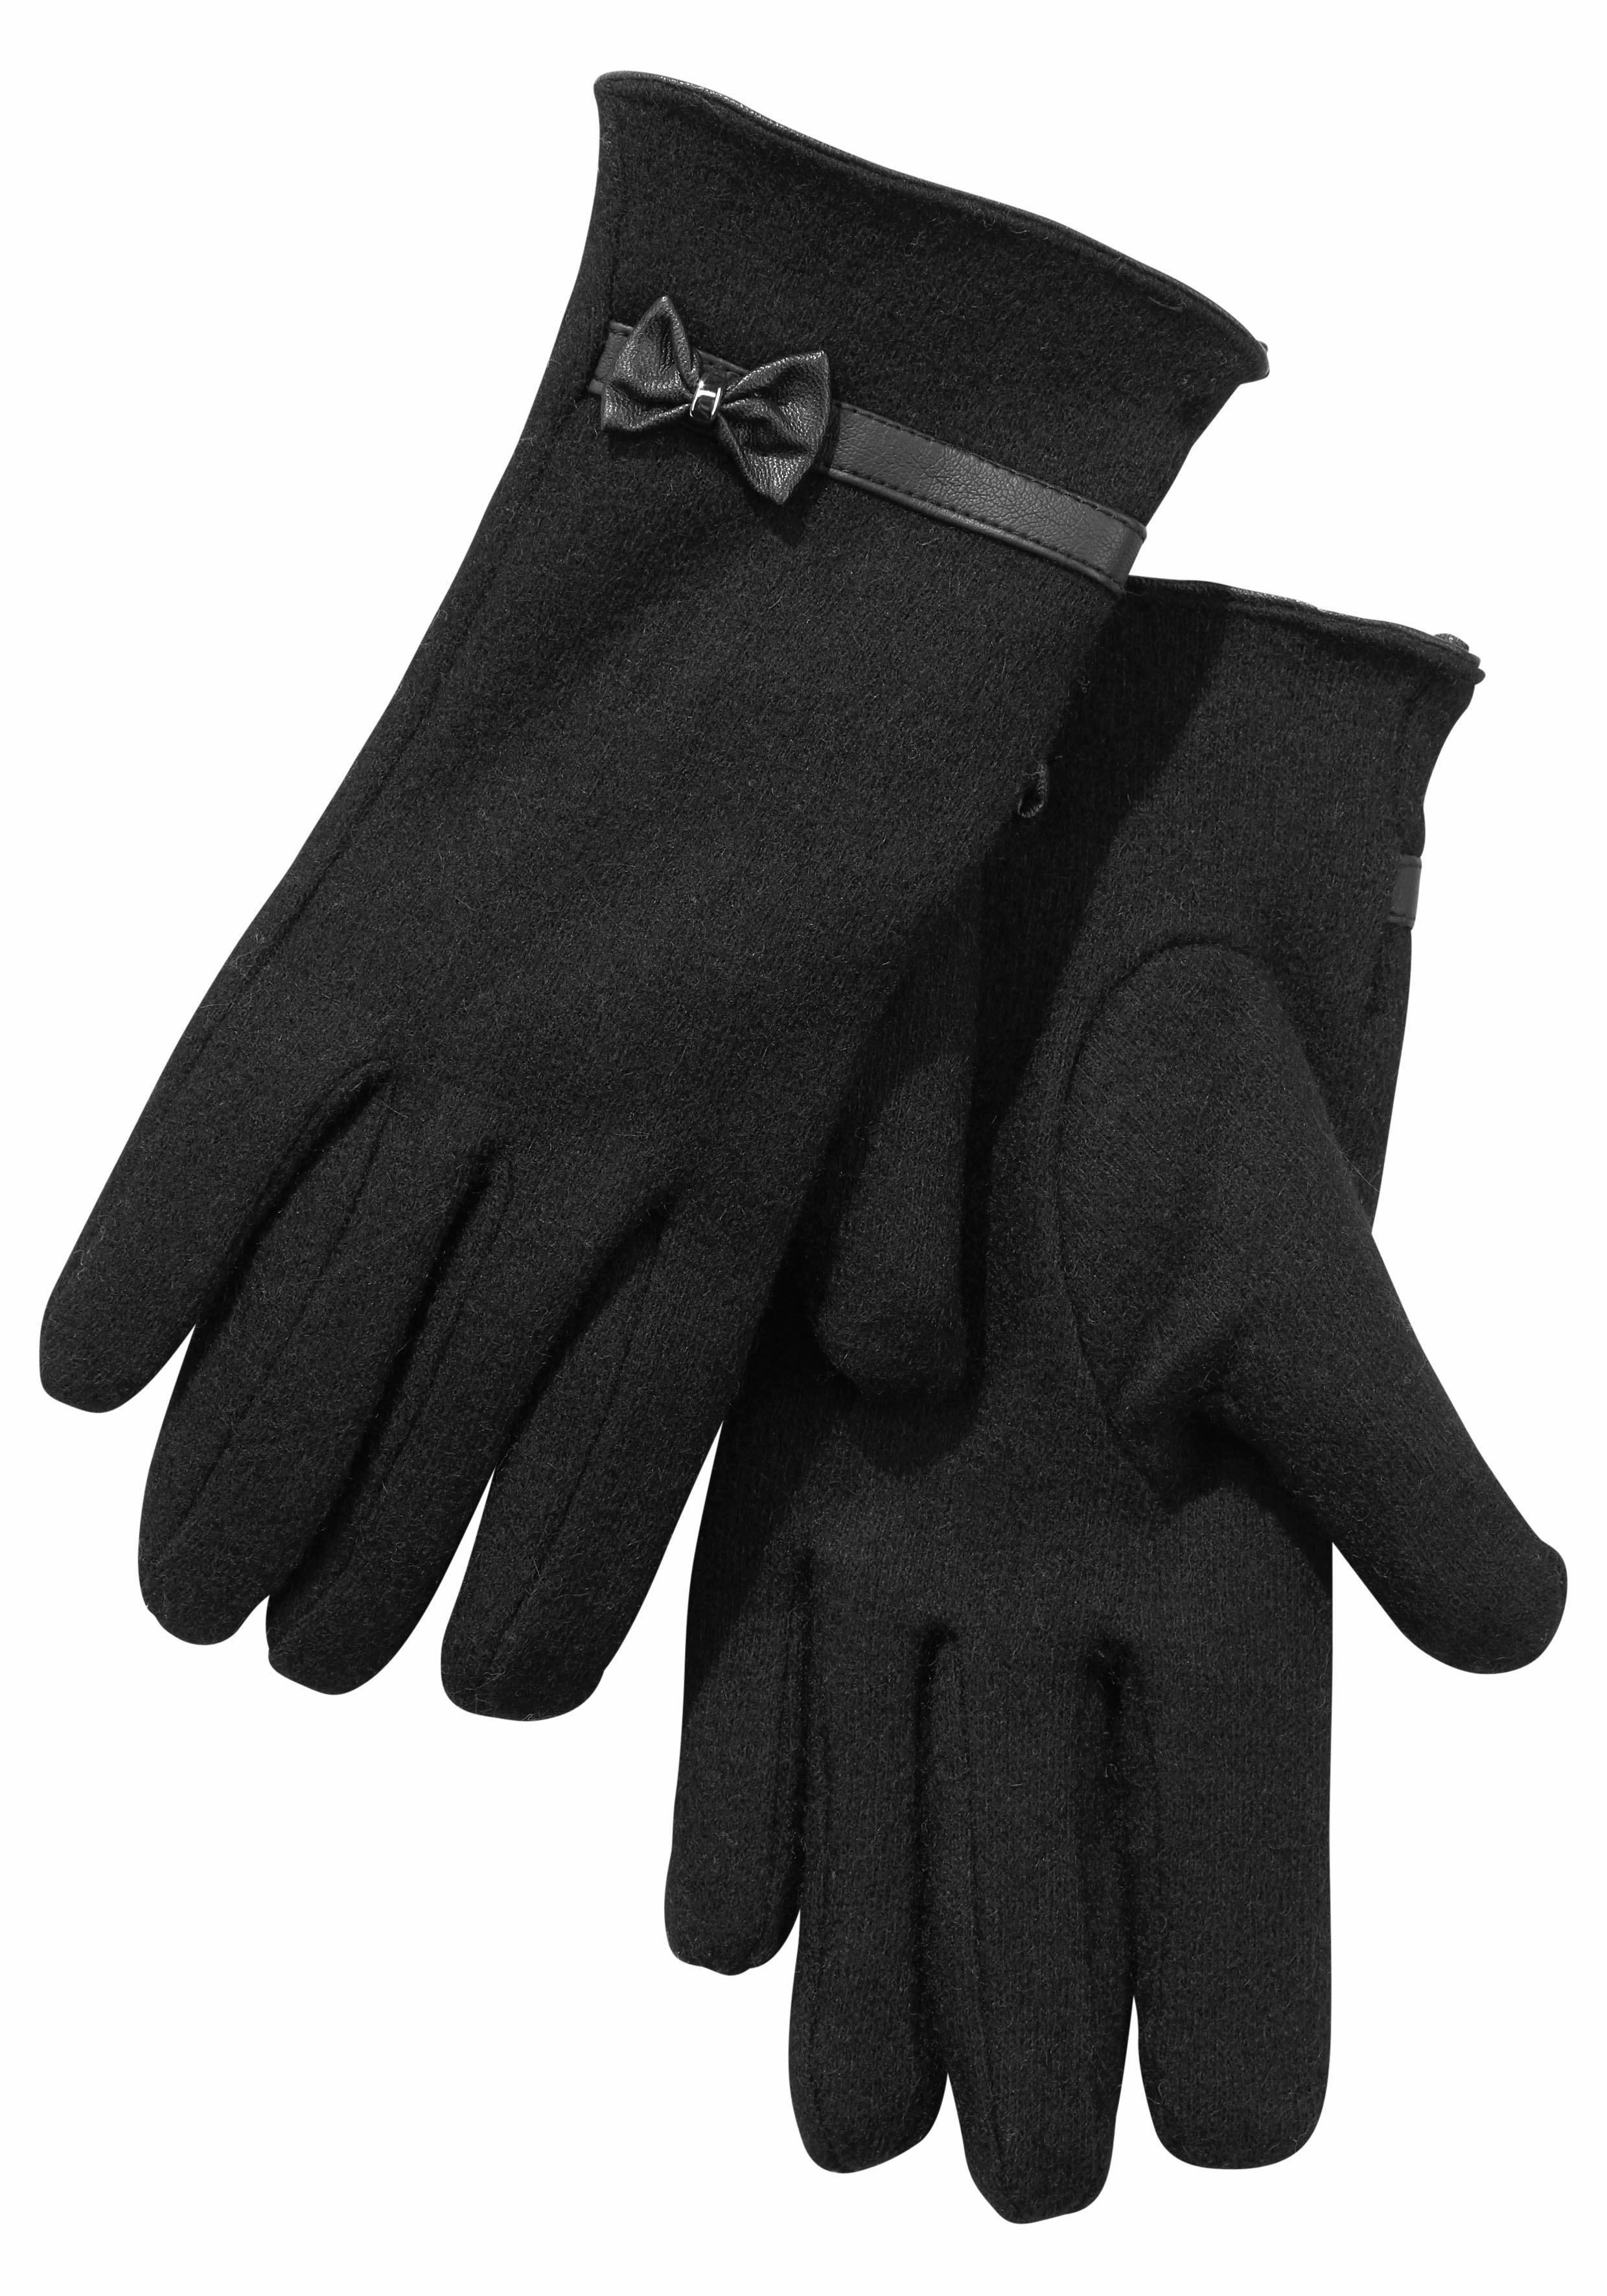 J. Jayz gebreide handschoenen - gratis ruilen op otto.nl